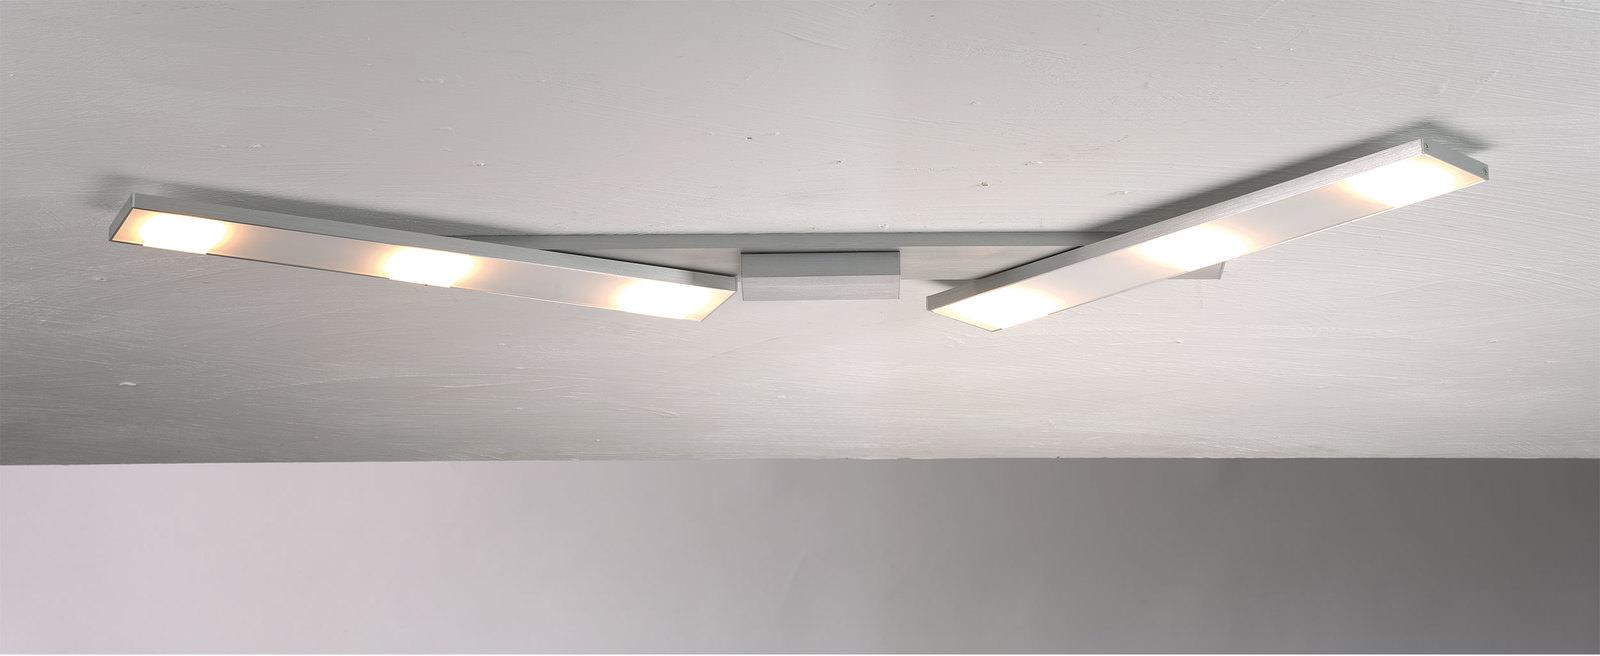 Bopp Leuchten LED-Deckenleuchte 6flg Silberfarben Online